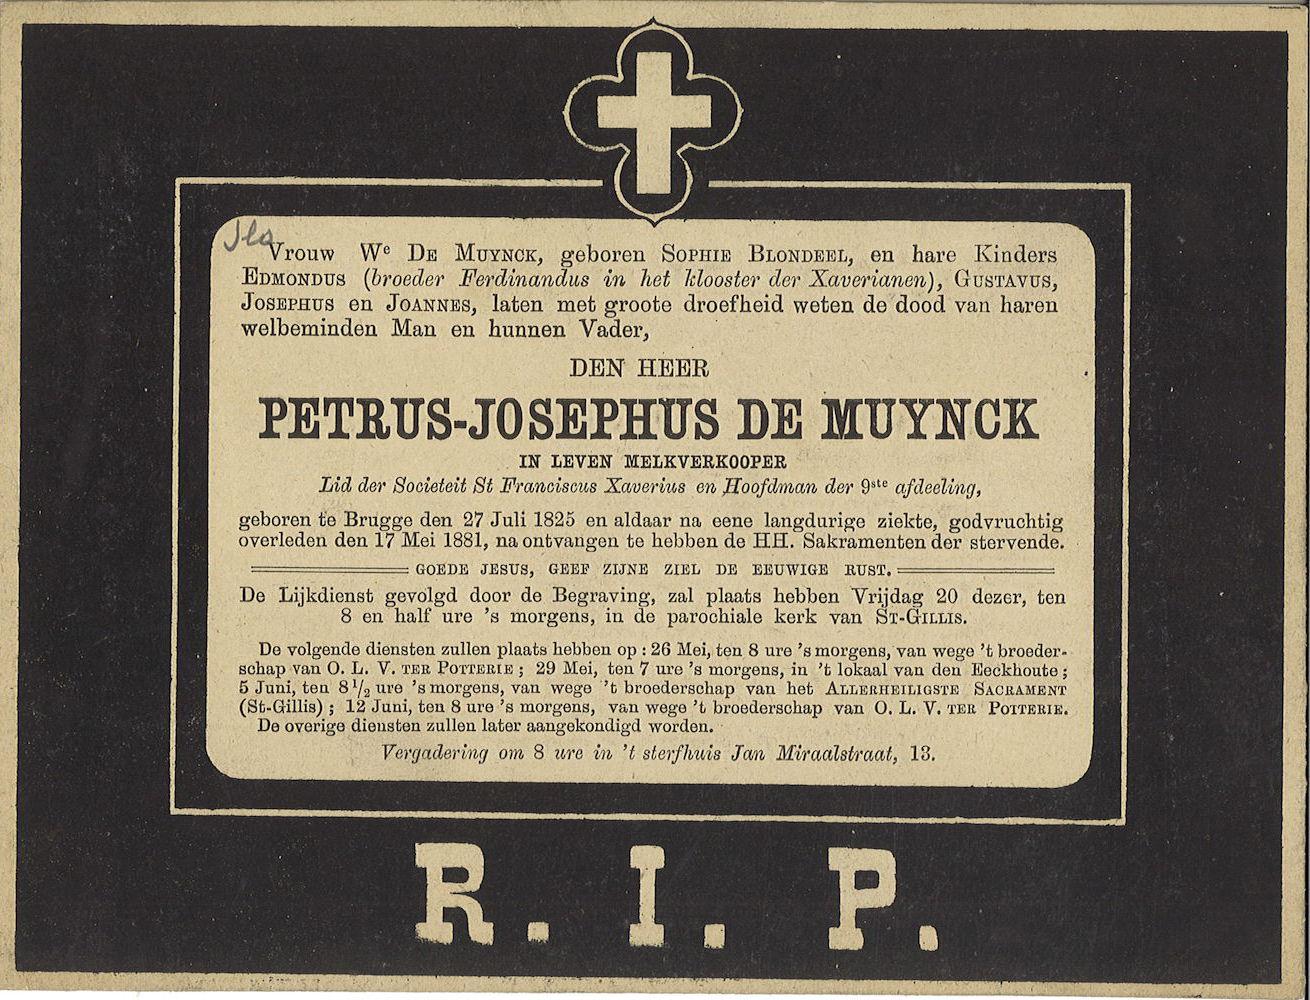 Petrus-Josephus De Muynck